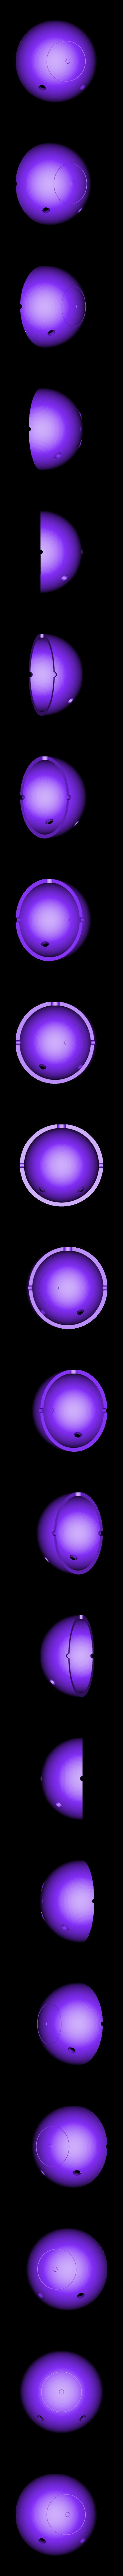 Body_Top.stl Télécharger fichier STL gratuit Giant Magnemite - Pokemon • Modèle pour impression 3D, ChaosCoreTech